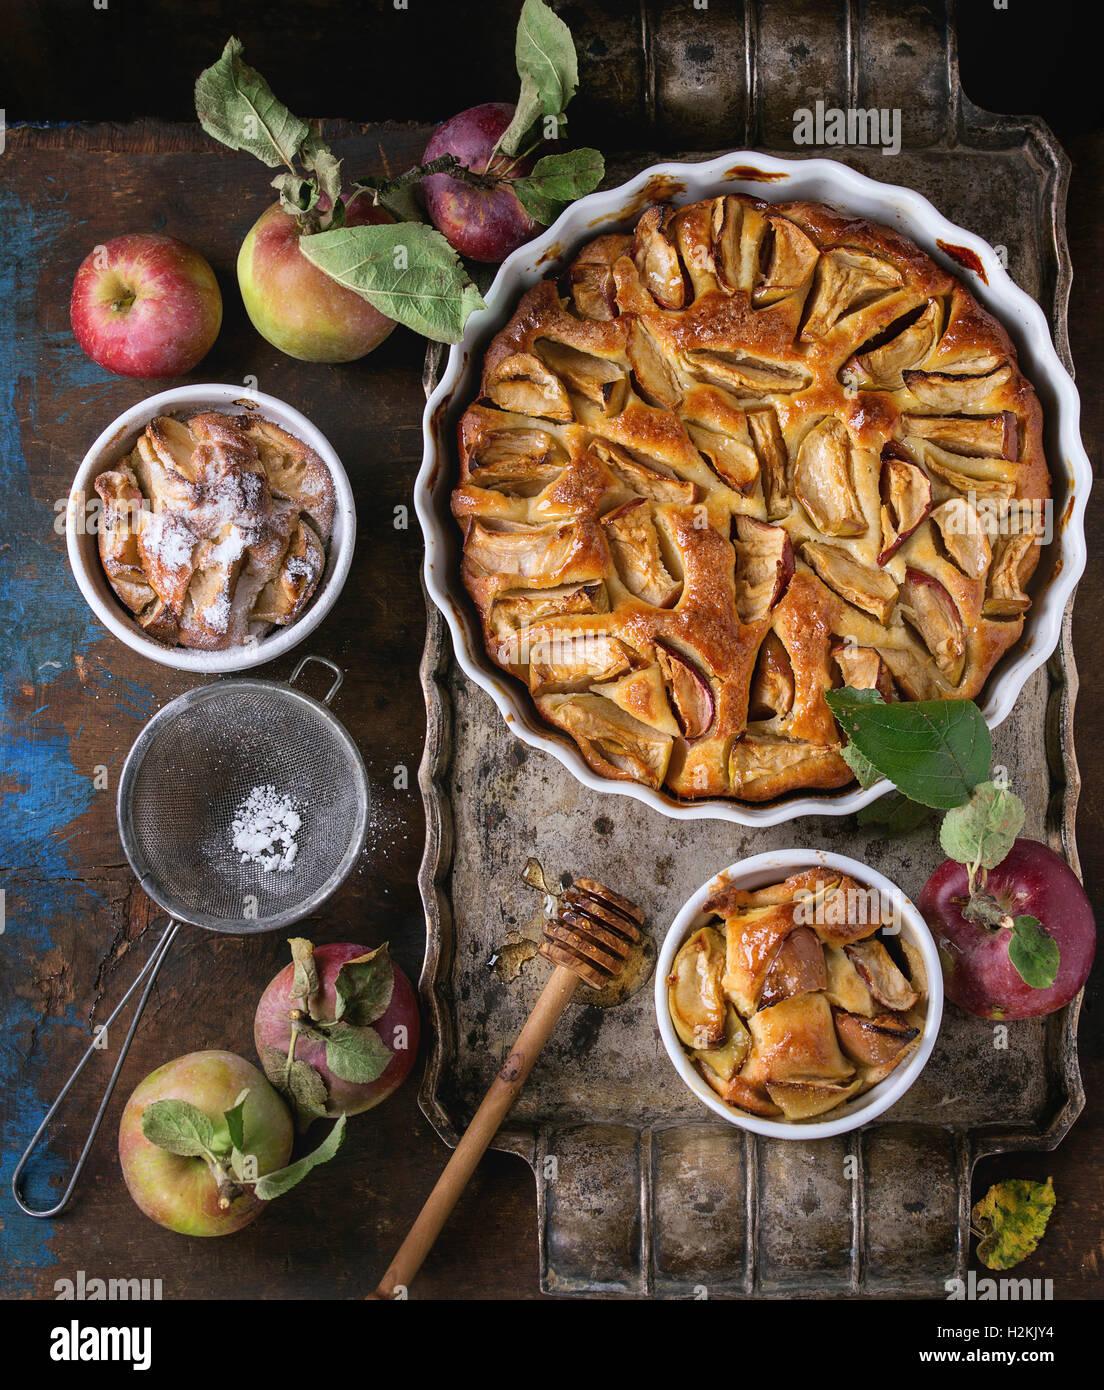 Des petits et gros gâteau aux pommes Tarte en céramique blanche se forme sur le plateau métallique Photo Stock